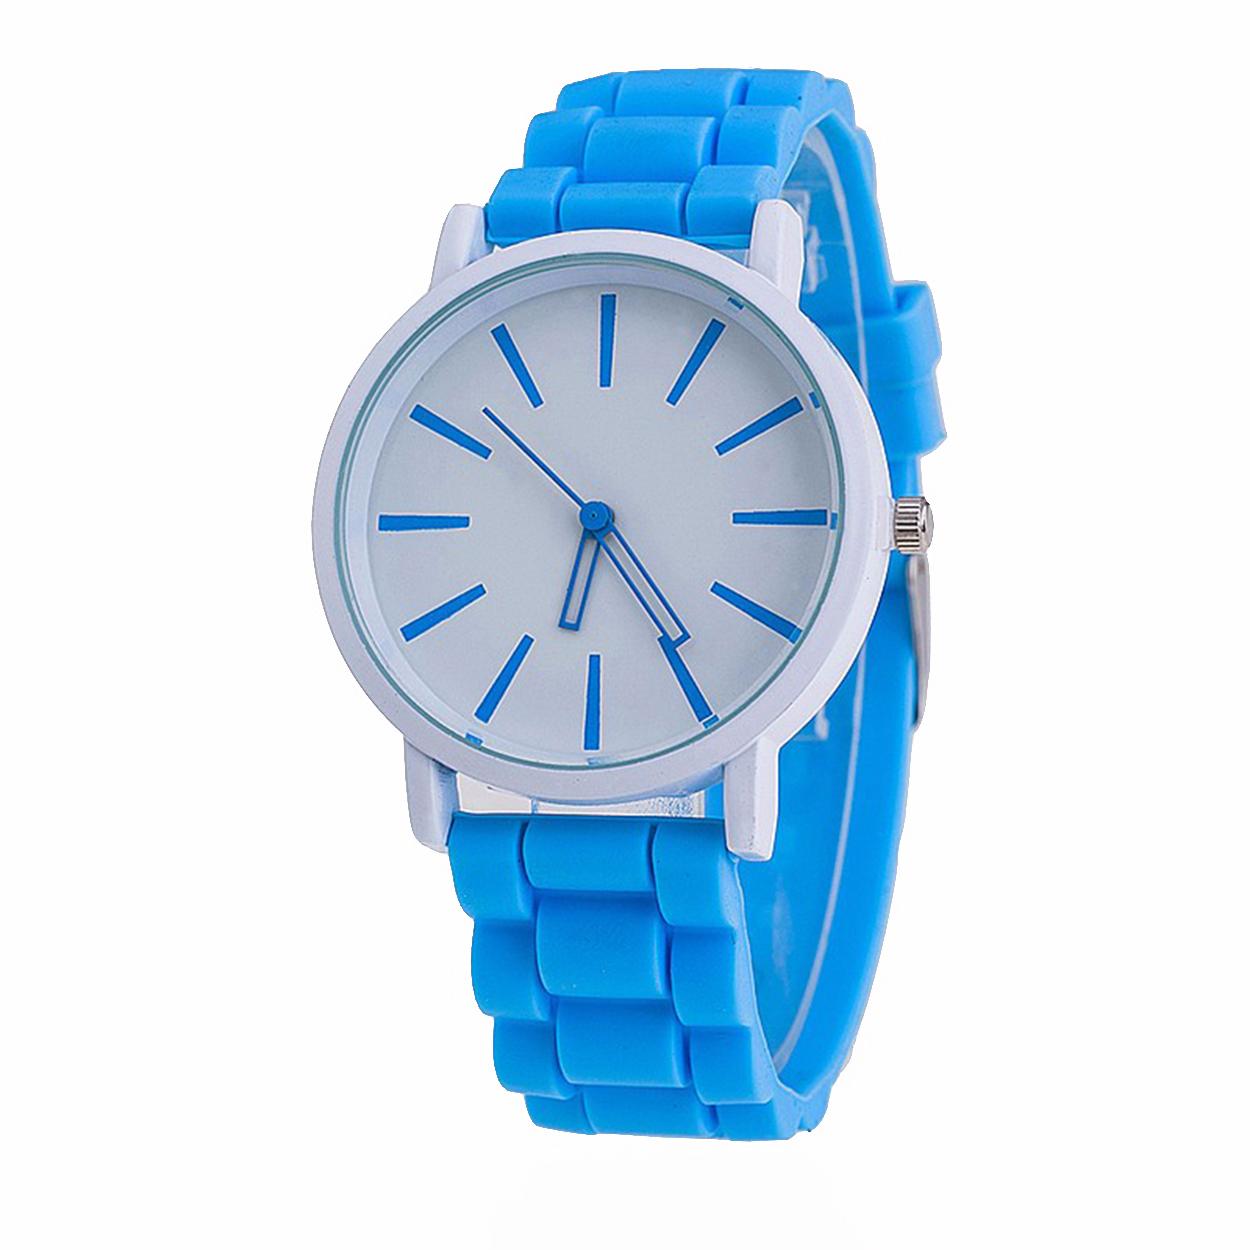 ساعت مچی عقربه ای مدل watch2585